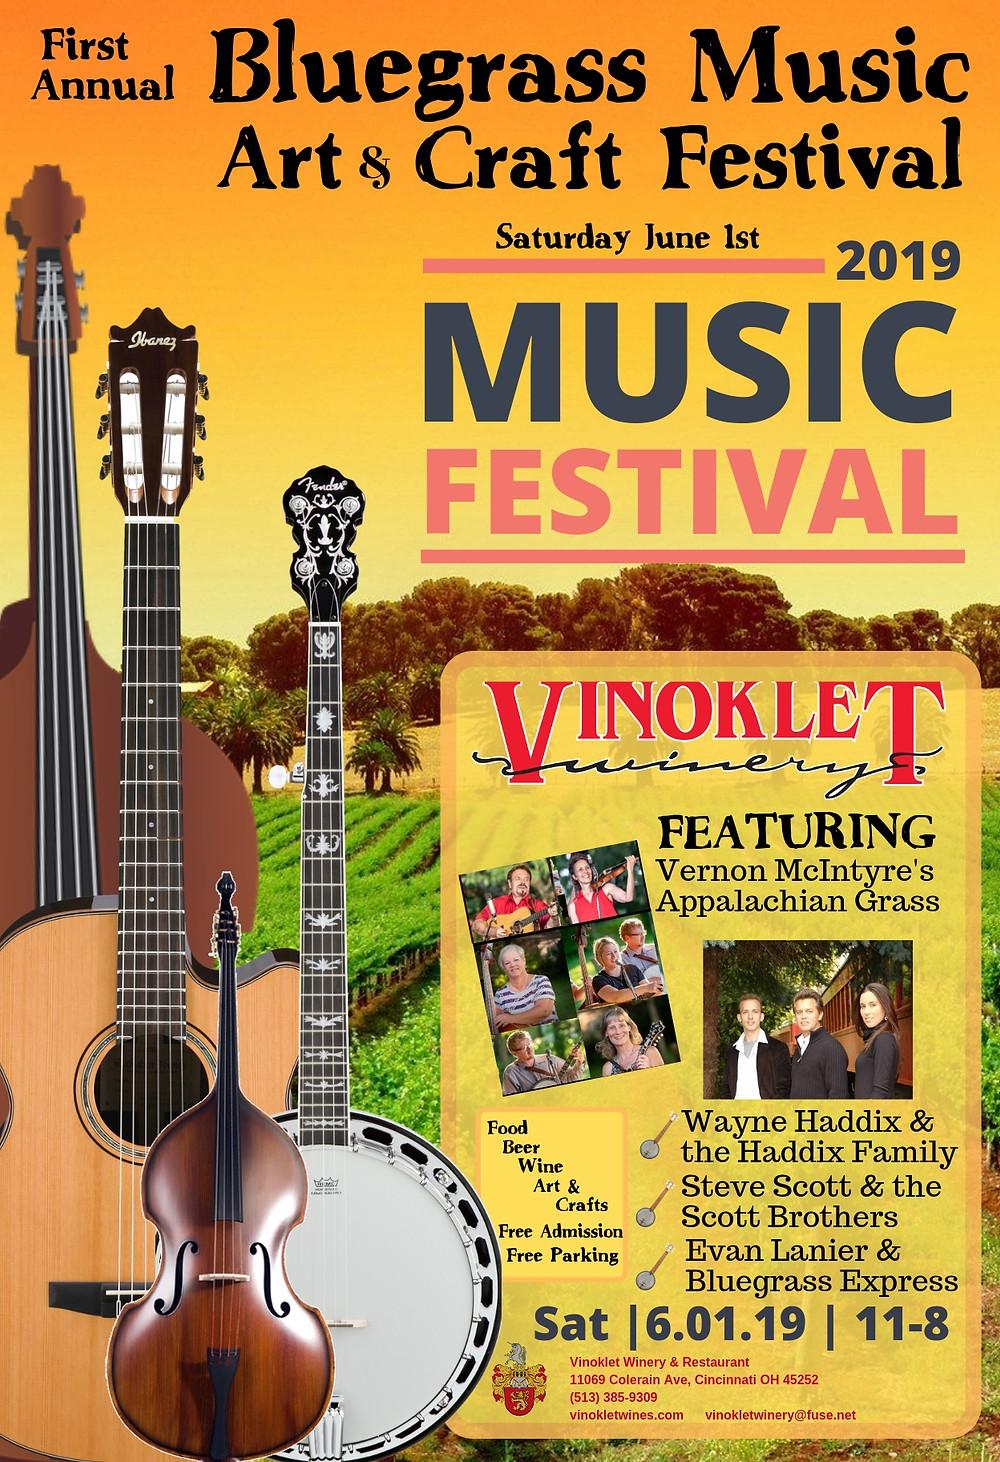 1st Annual Bluegrass Music Art & Craft Festivdata:image/gif;base64,data:image/gif;base64,R0lGODlhAQABAPABAP///wAAACH5BAEKAAAALAAAAAABAAEAAAICRAEAOw==R0lGODlhAQABAPABAP///wAAACH5BAEKAAAALAAAAAABAAEAAAICRAEAOw==al